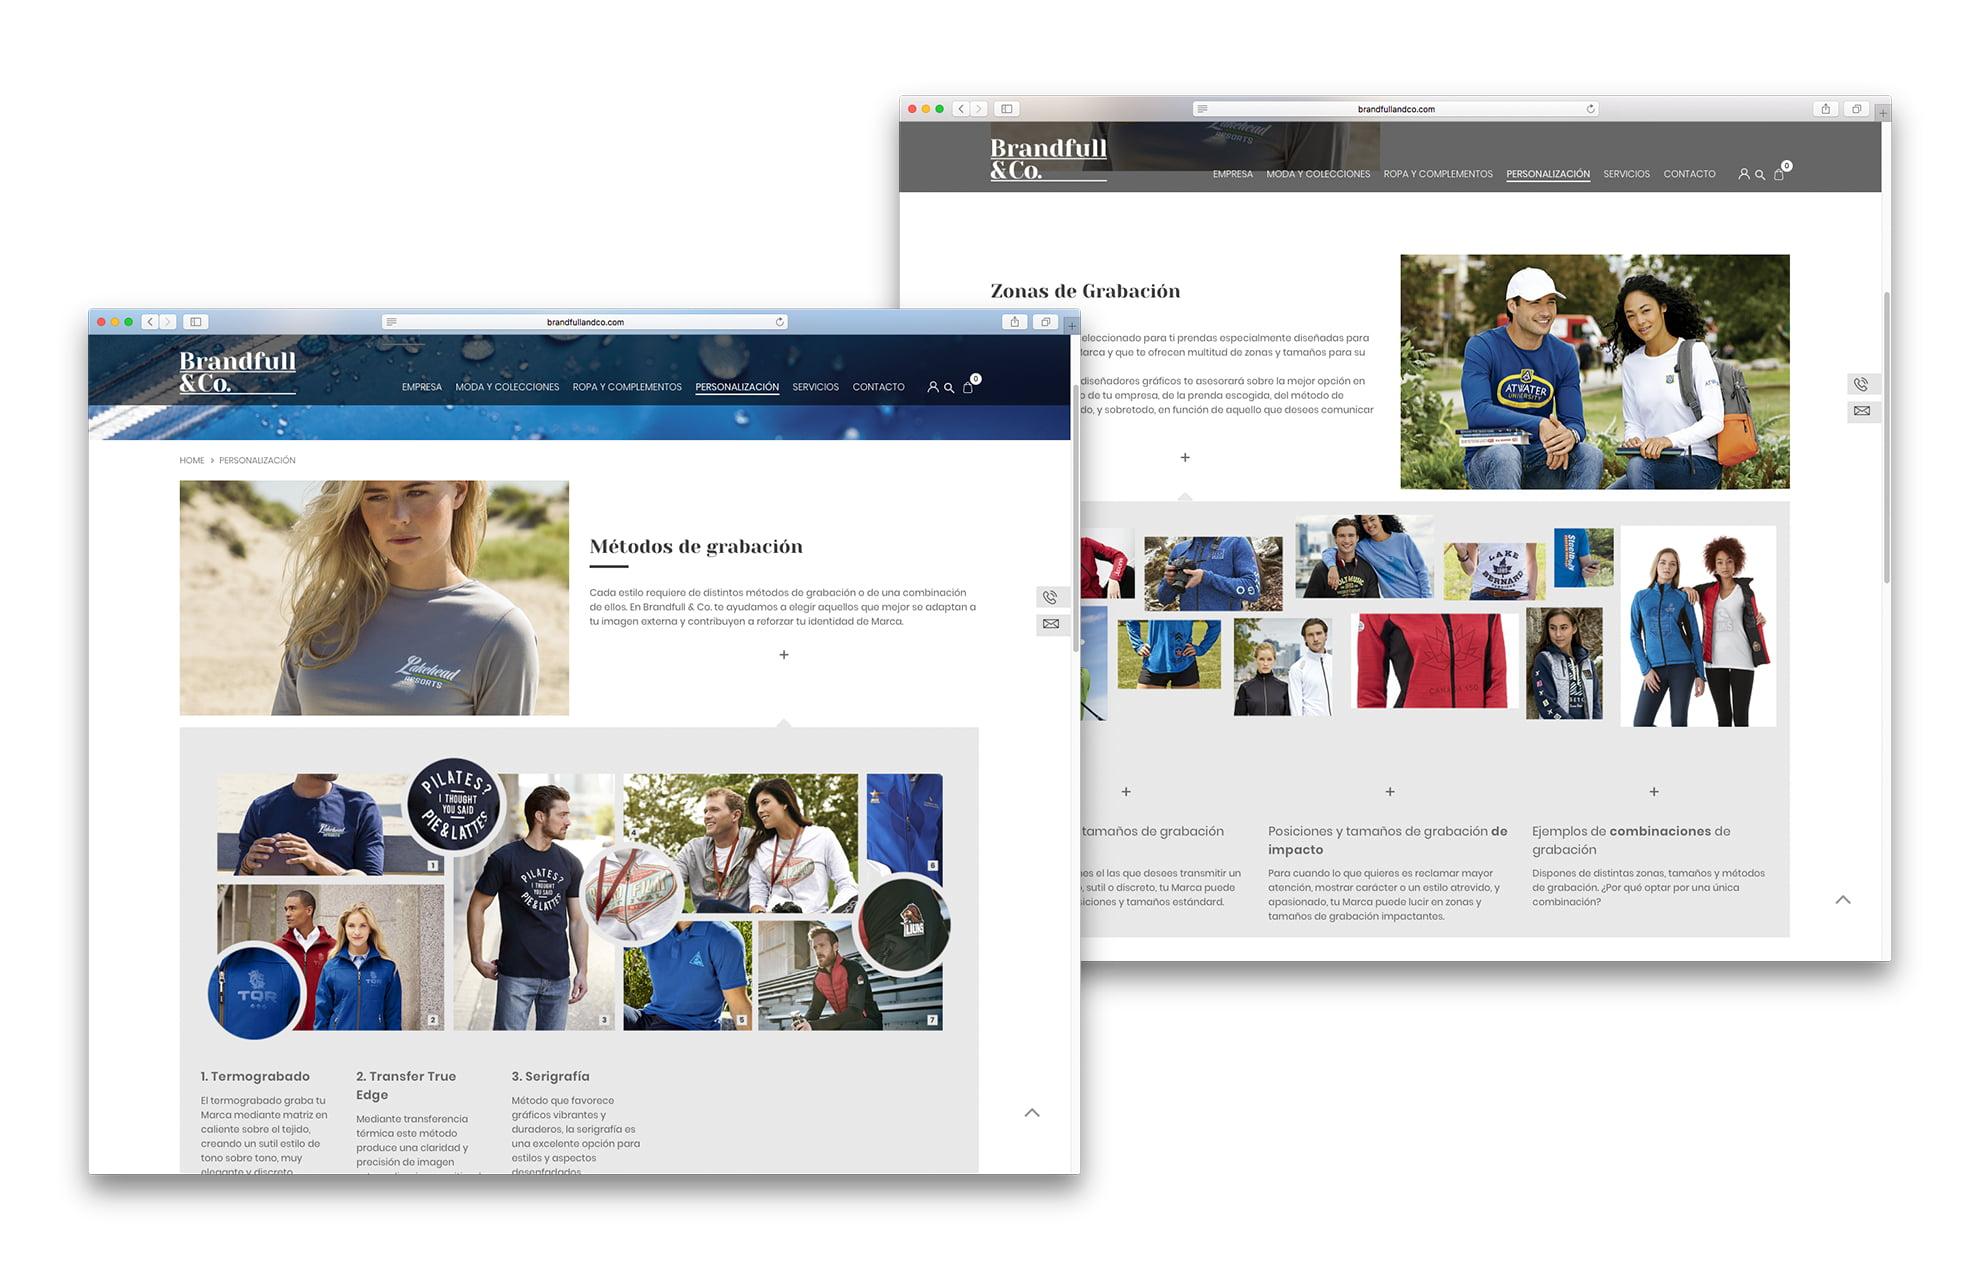 diseno tienda online moda - Brandfull&Co, un proyecto integral de diseño